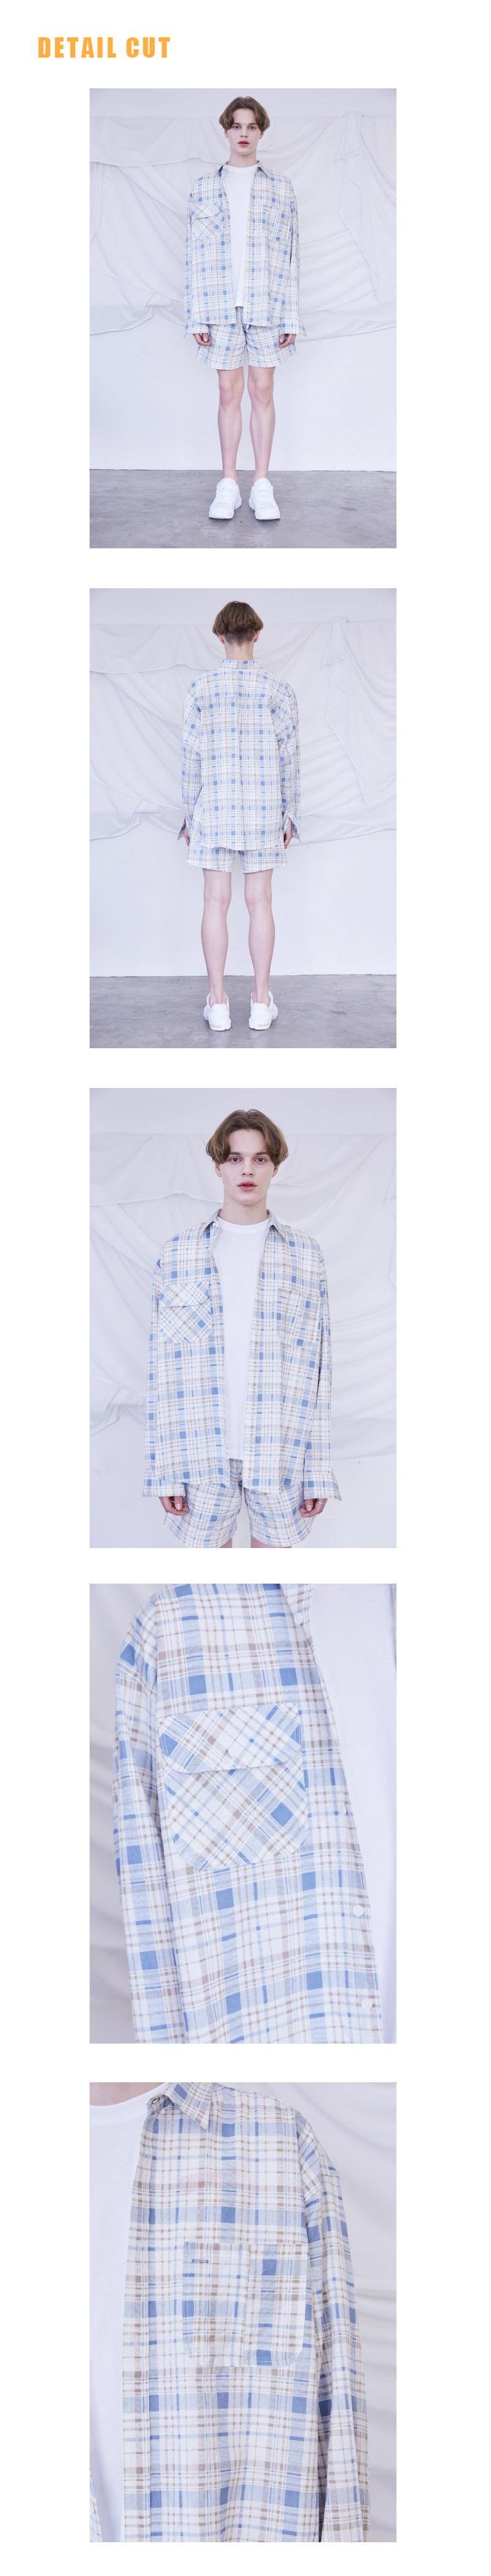 미드나잇 무브(MIDNIGHT MOVE) [unisex] 체크 셔츠 (blue)